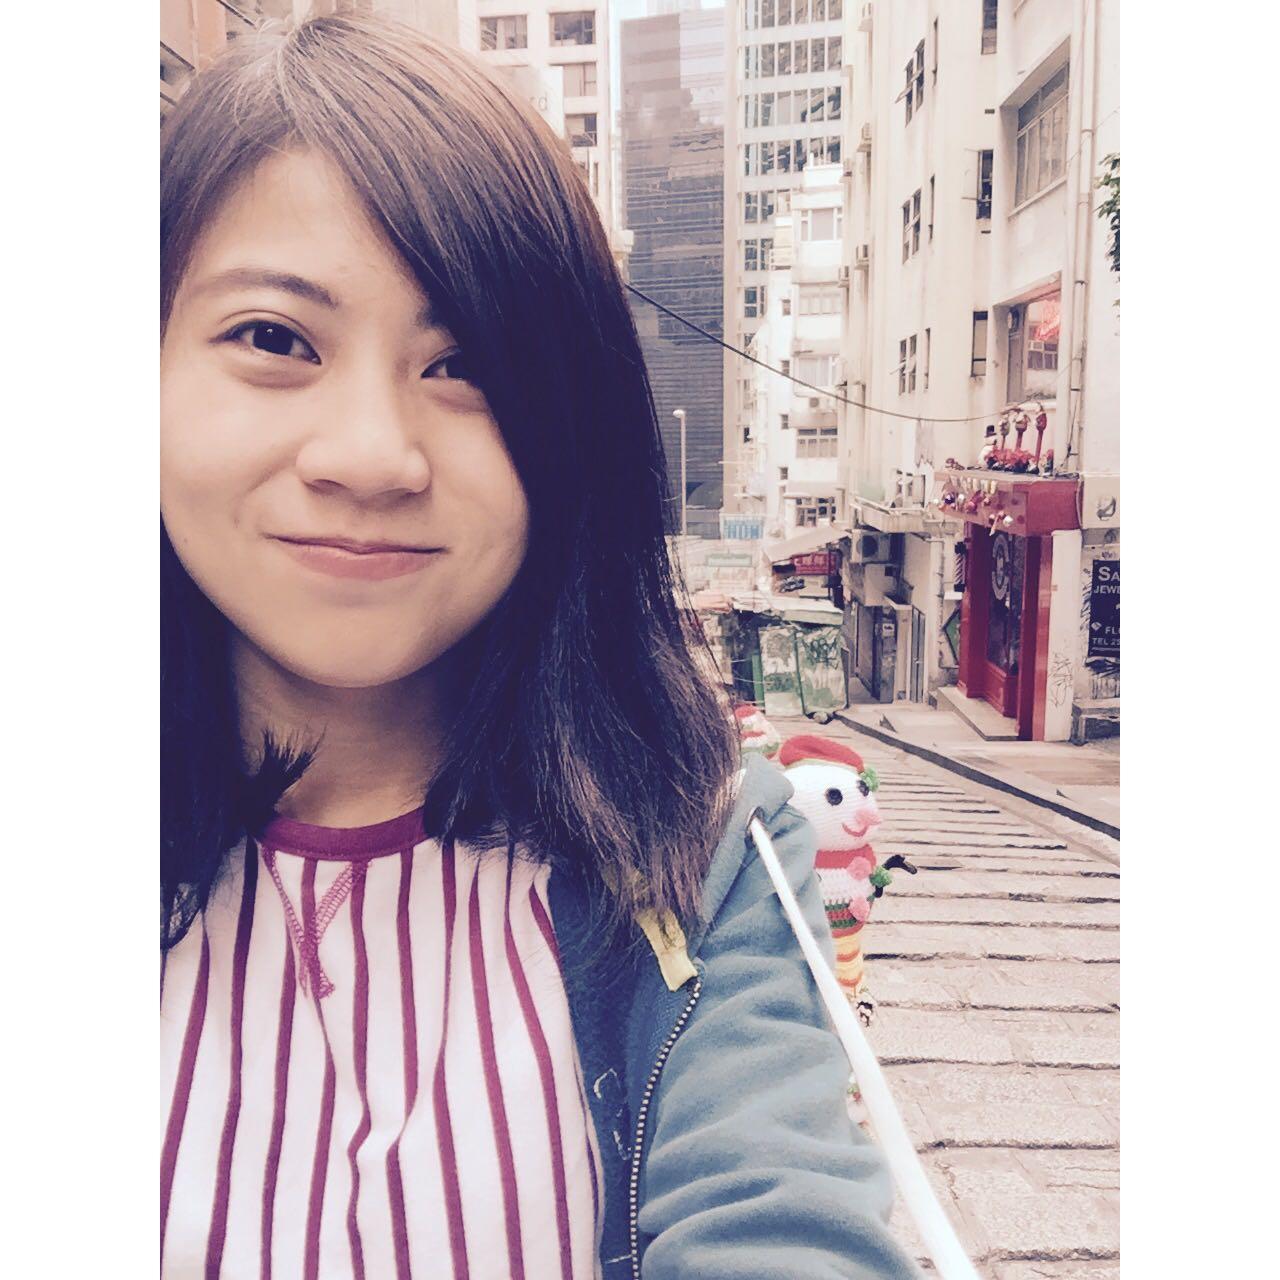 yachu_chung